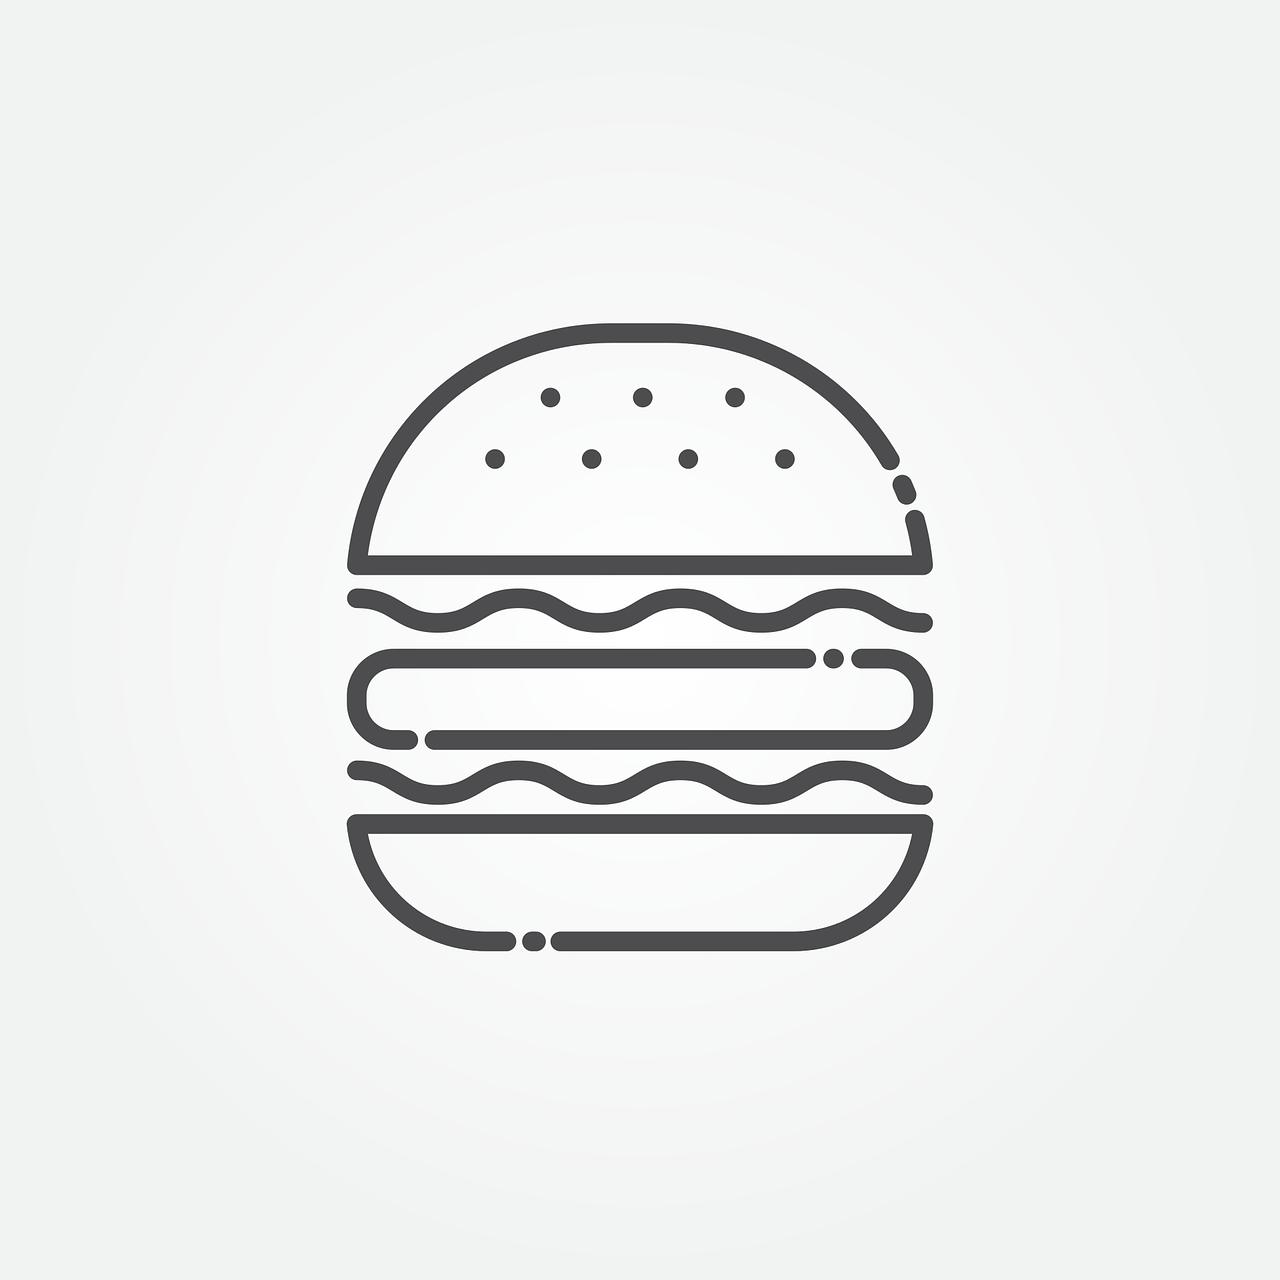 burger, icon, hamburger